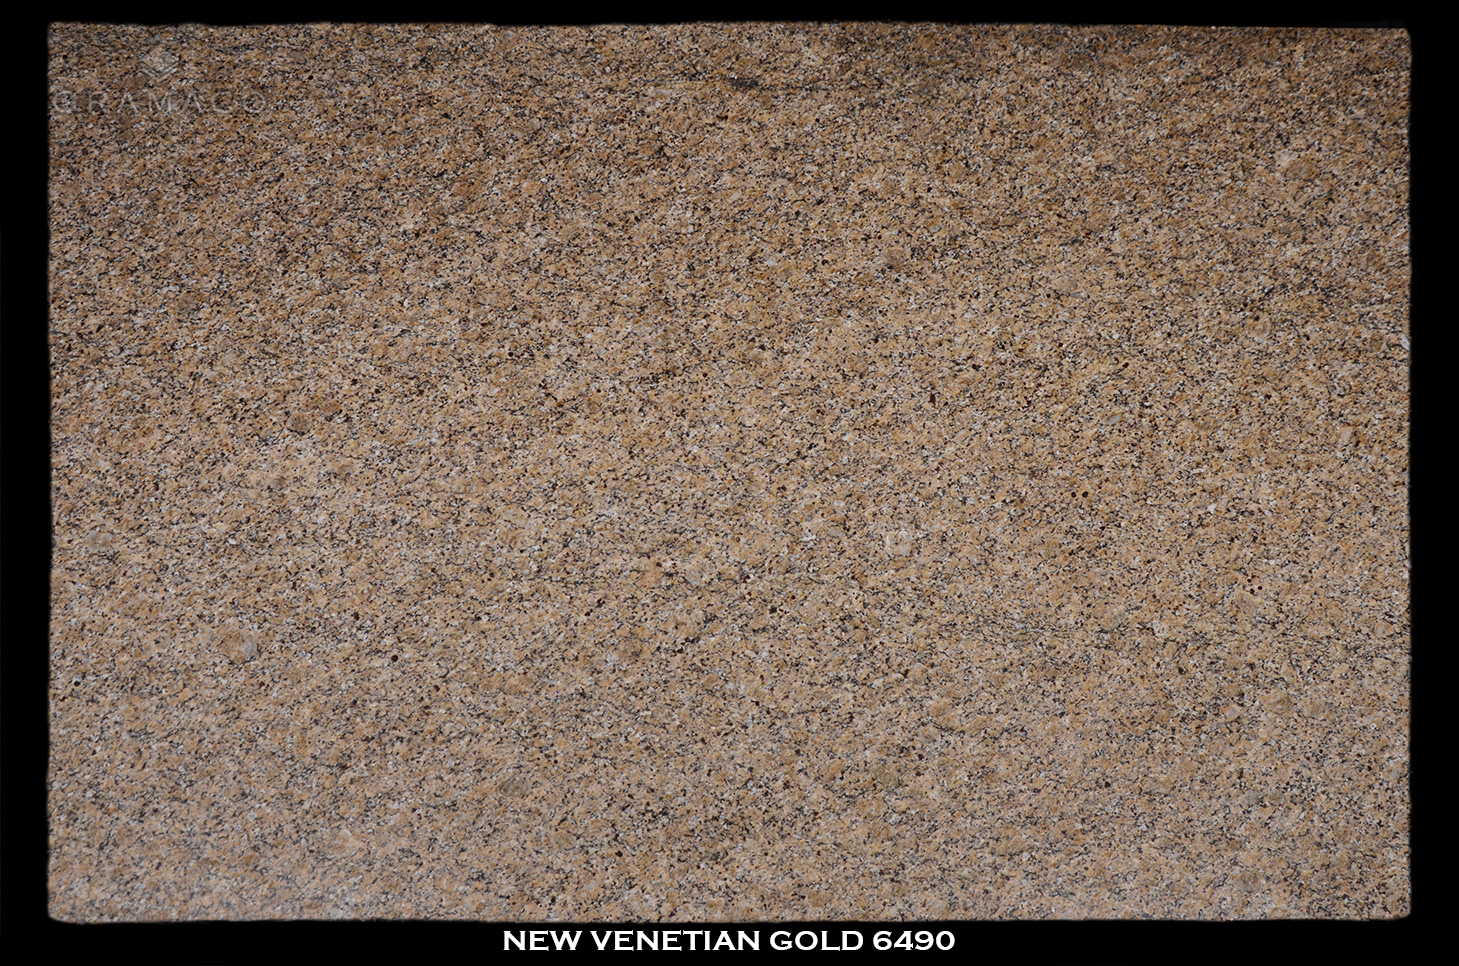 NEW-VENETIAN-GOLD-6490---FULL-SLAB-BLACK